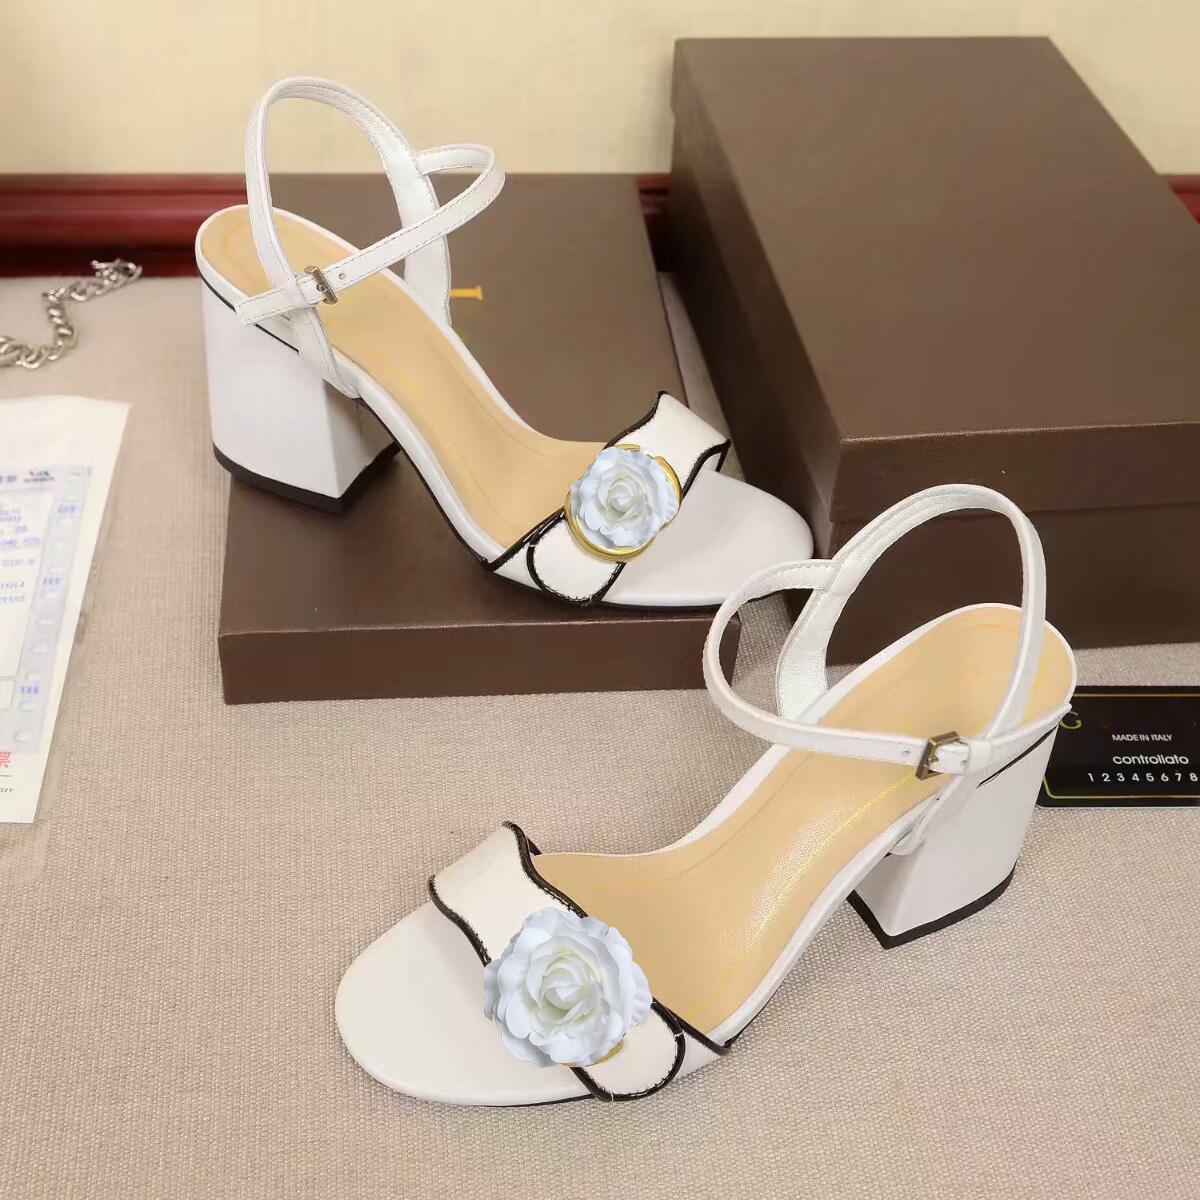 sandales à talons chaussures avec boîte 7.5cm usure parti cuir luxe rugueux peau de vache sandales à talons moyen